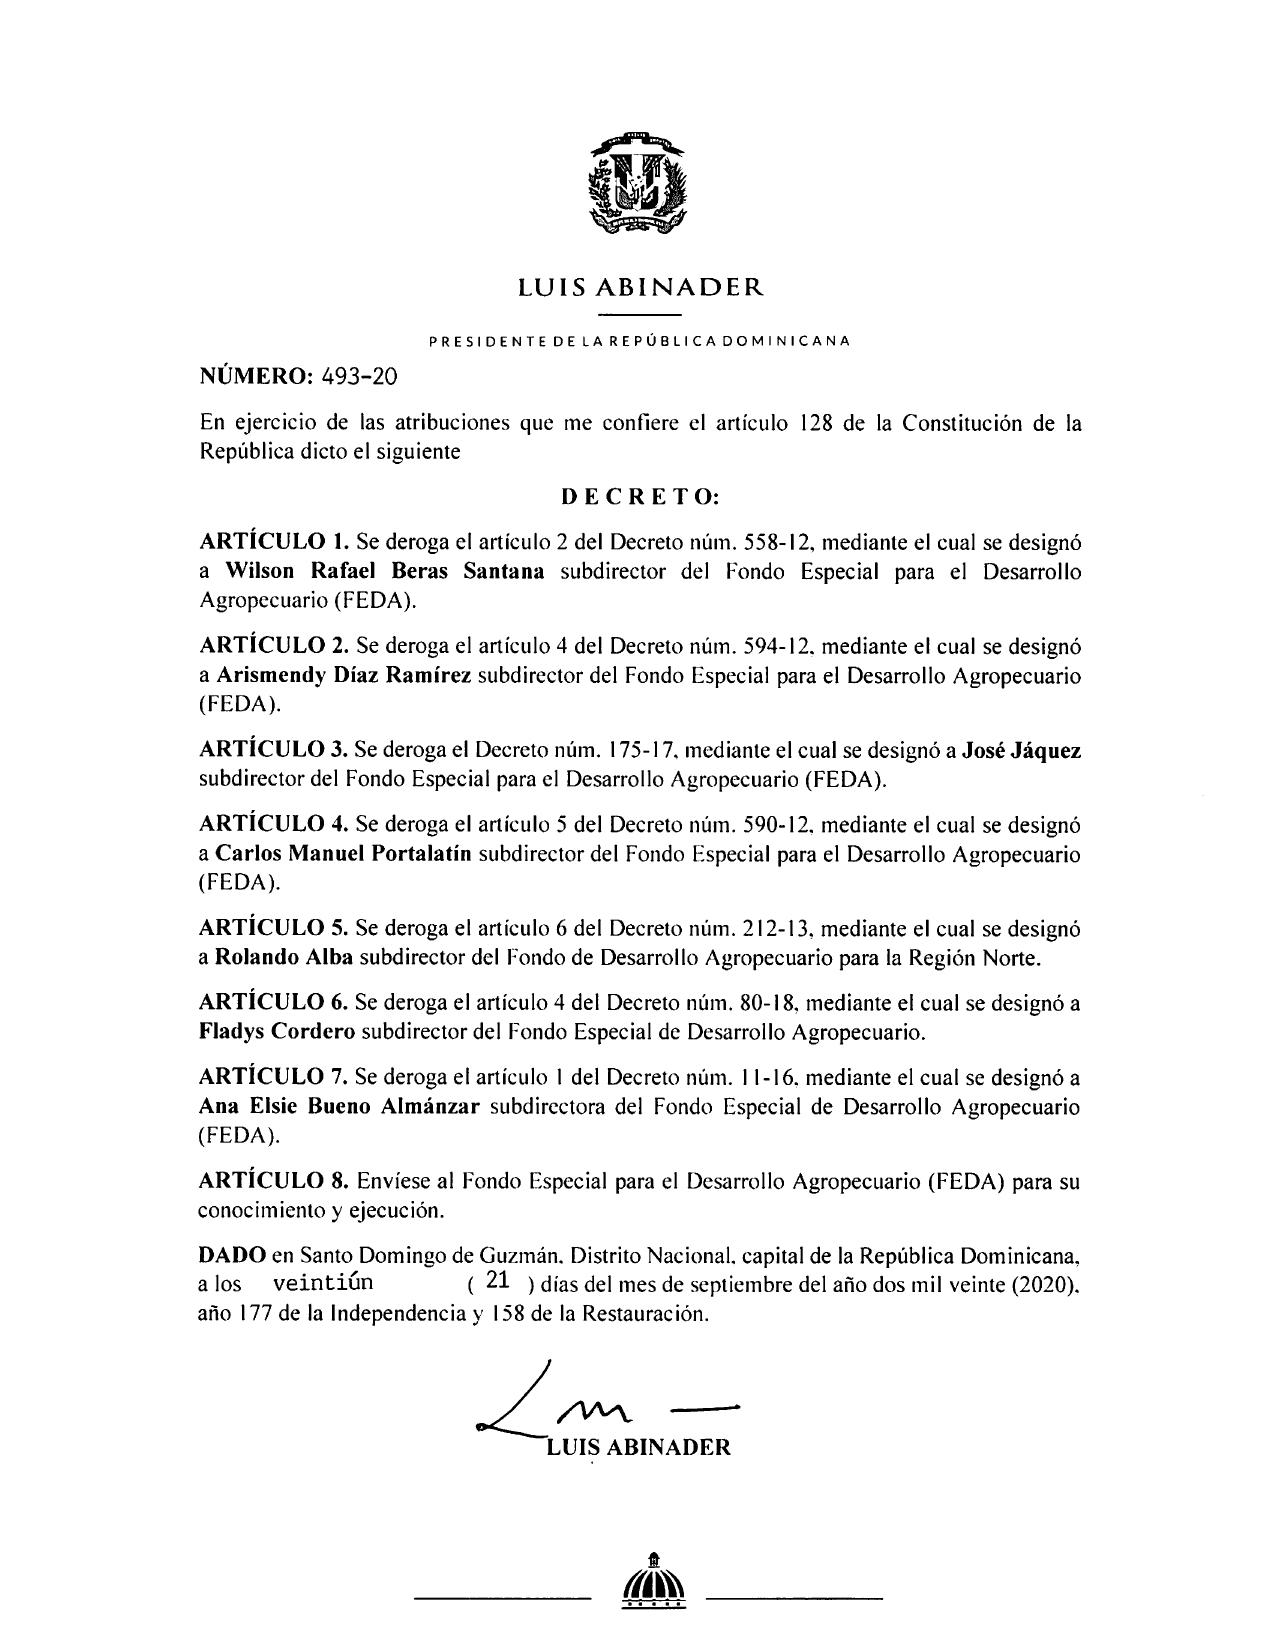 decreto 493-20